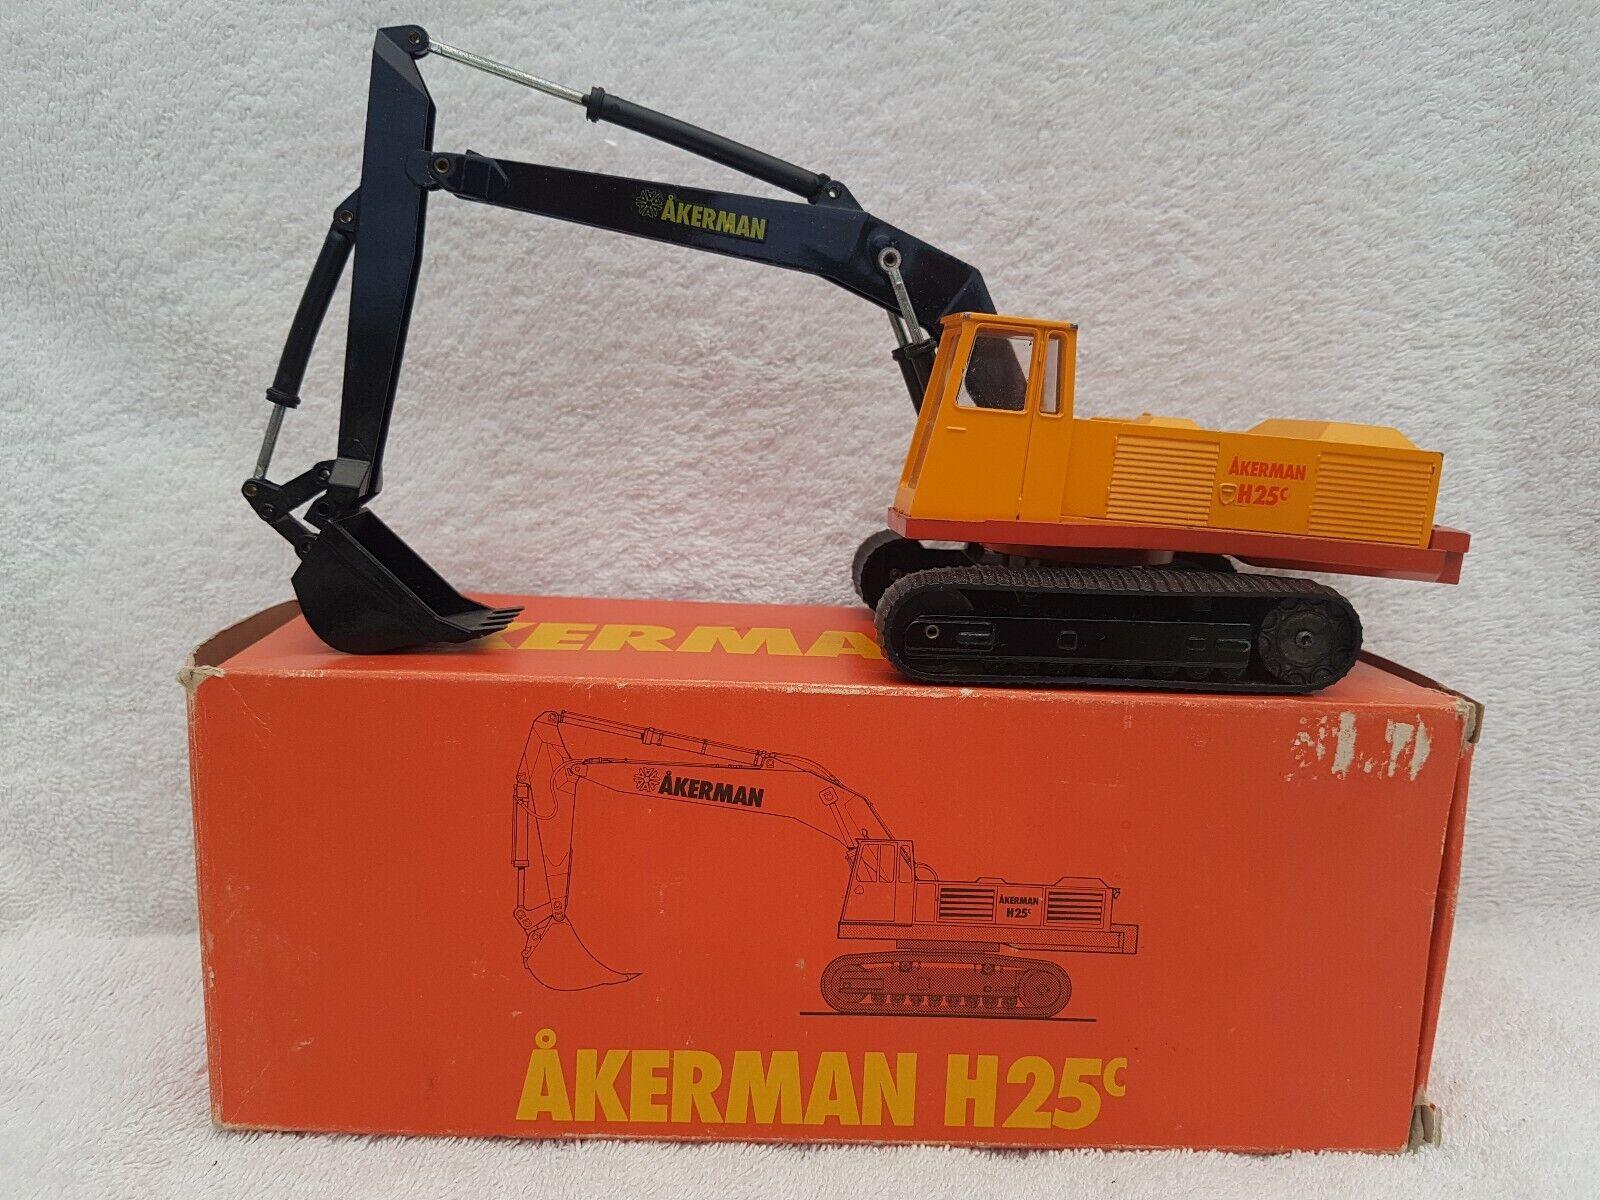 NZG 1 50 échelle Diecast metal Model - 148-Akerman H25c Pelle